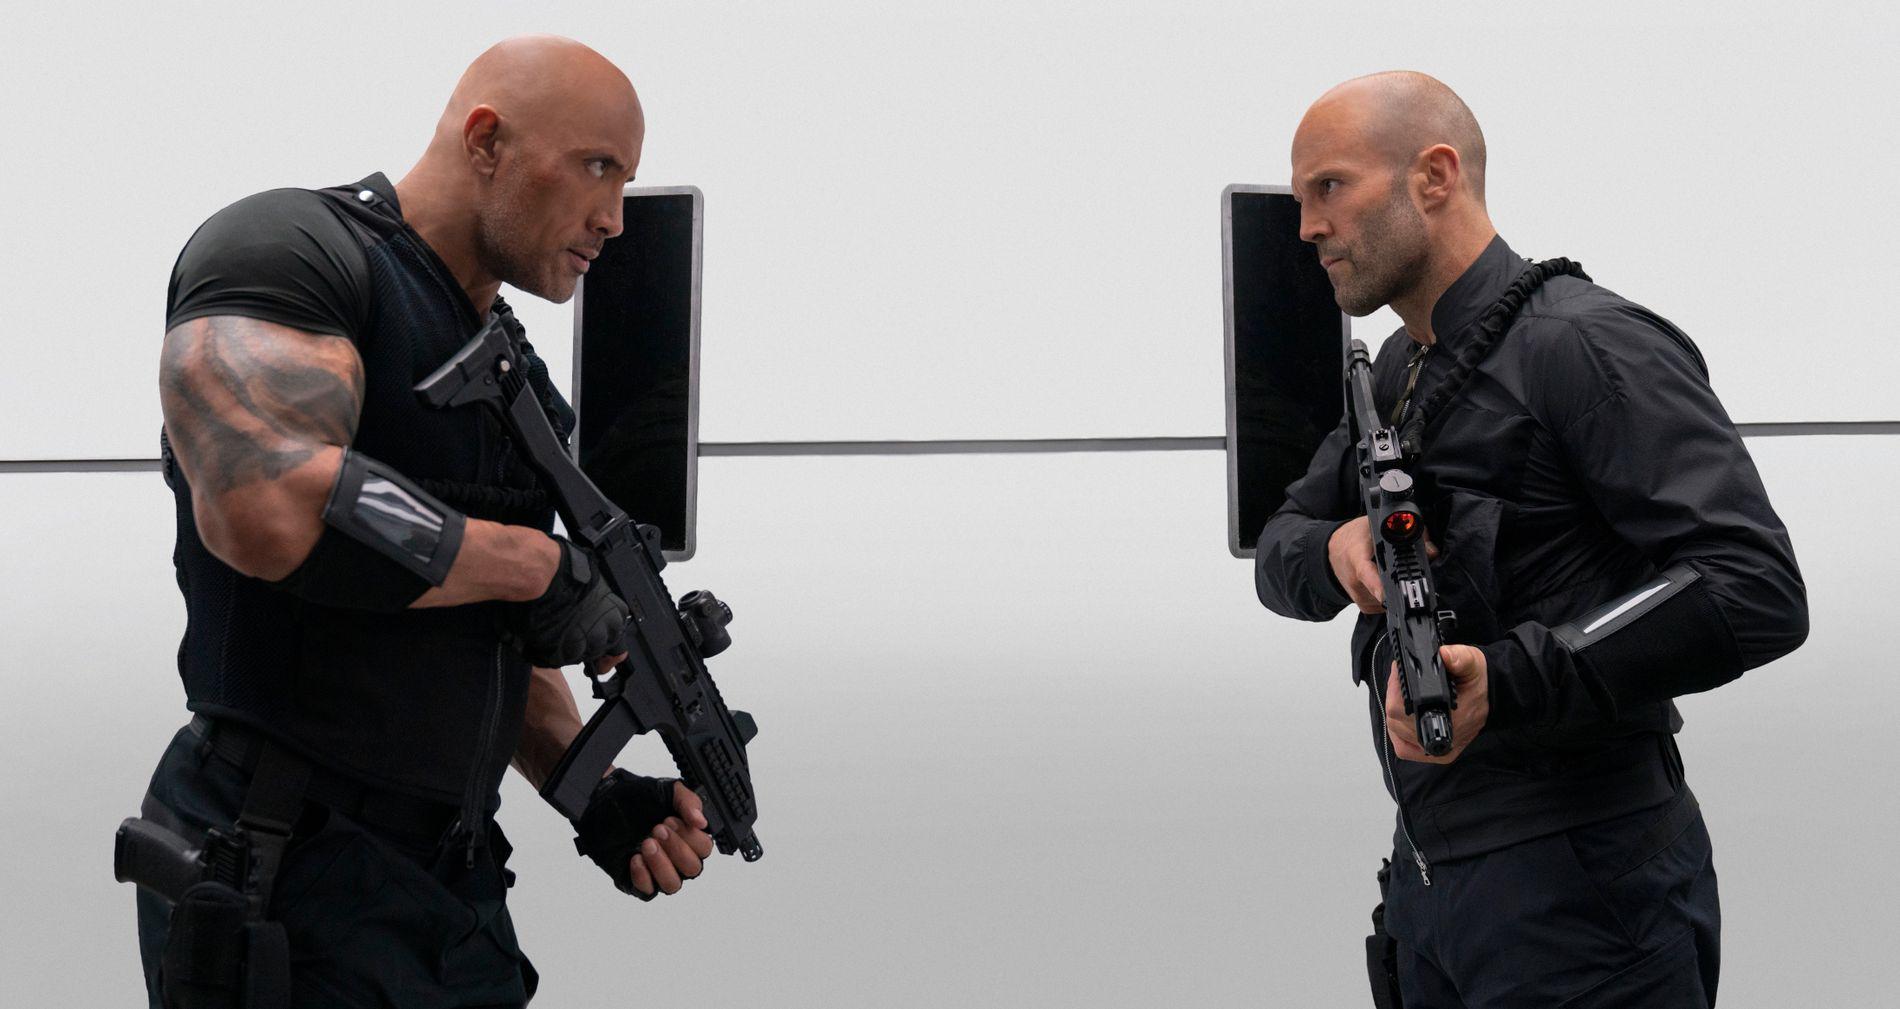 NÅ ER KRANGELEN GÅTT FOR LANGT: Dwayne Johnson (til venstre) og Jason Statham i «Fast & Furious: Hobbs & Shaw».